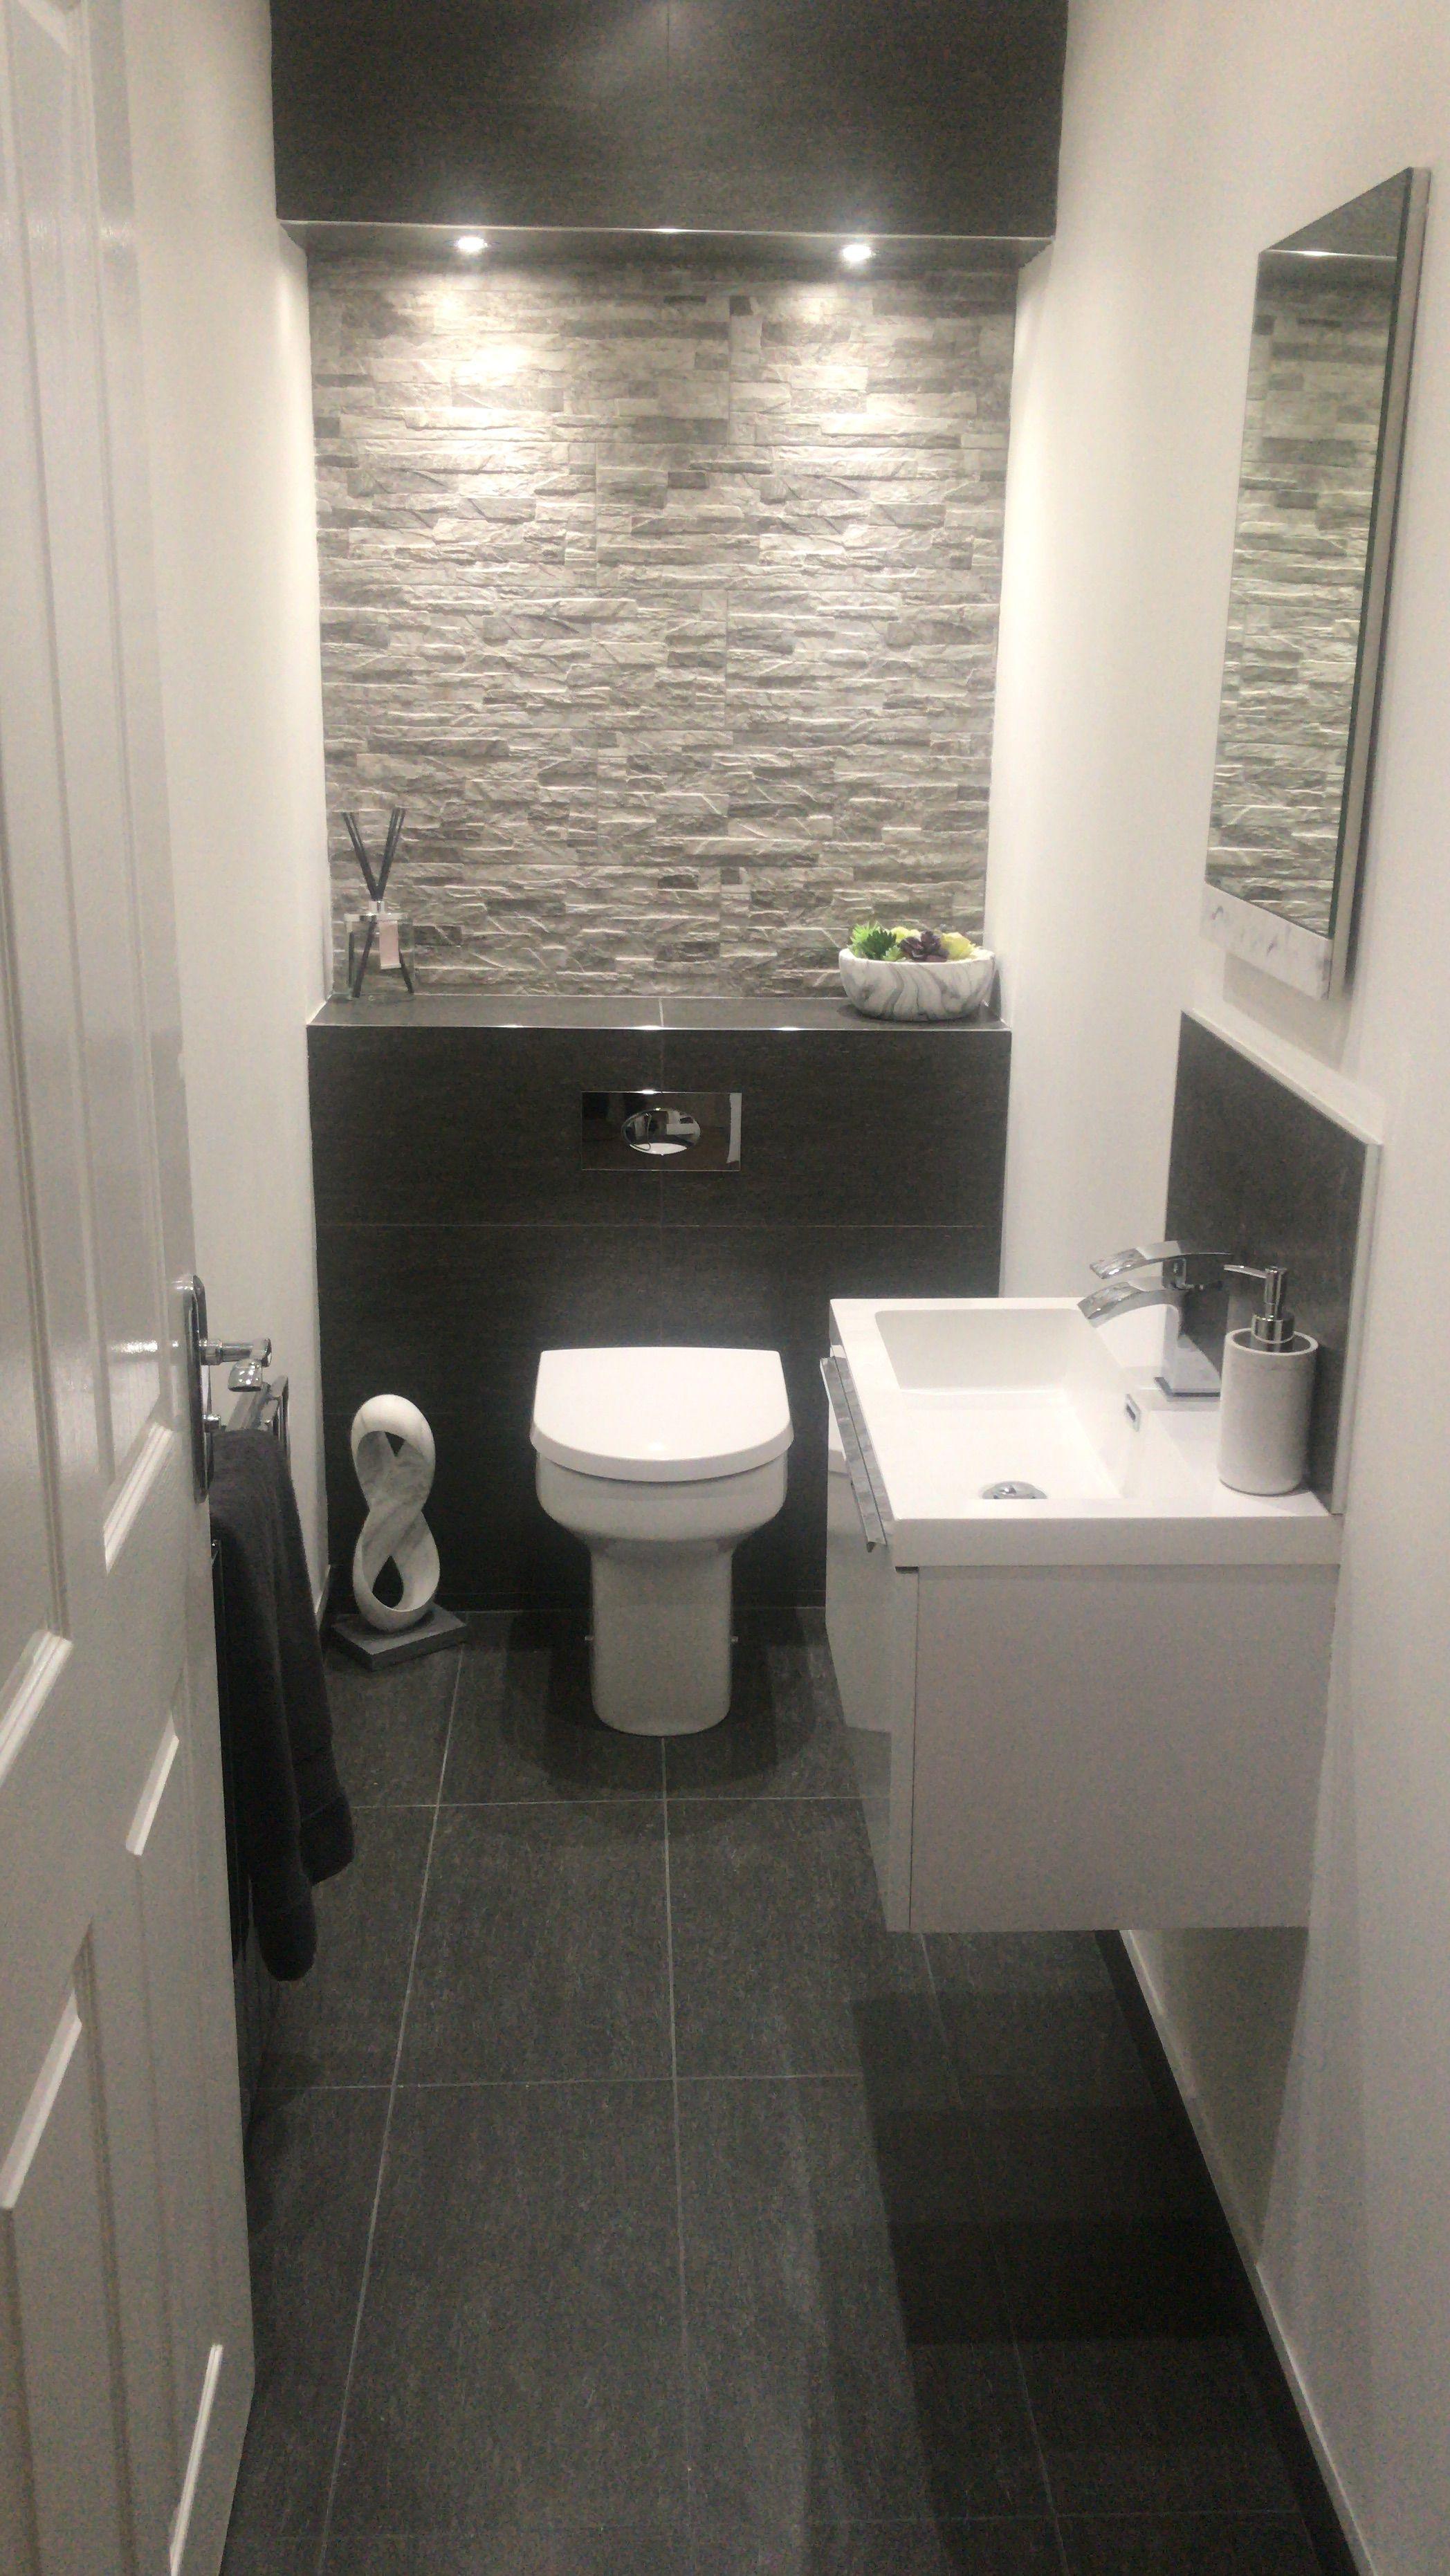 Pin Von Barbara Witowska Auf Pomysly Na Lazienke Kleines Wc Zimmer Kleine Toilette Wohnung Badezimmer